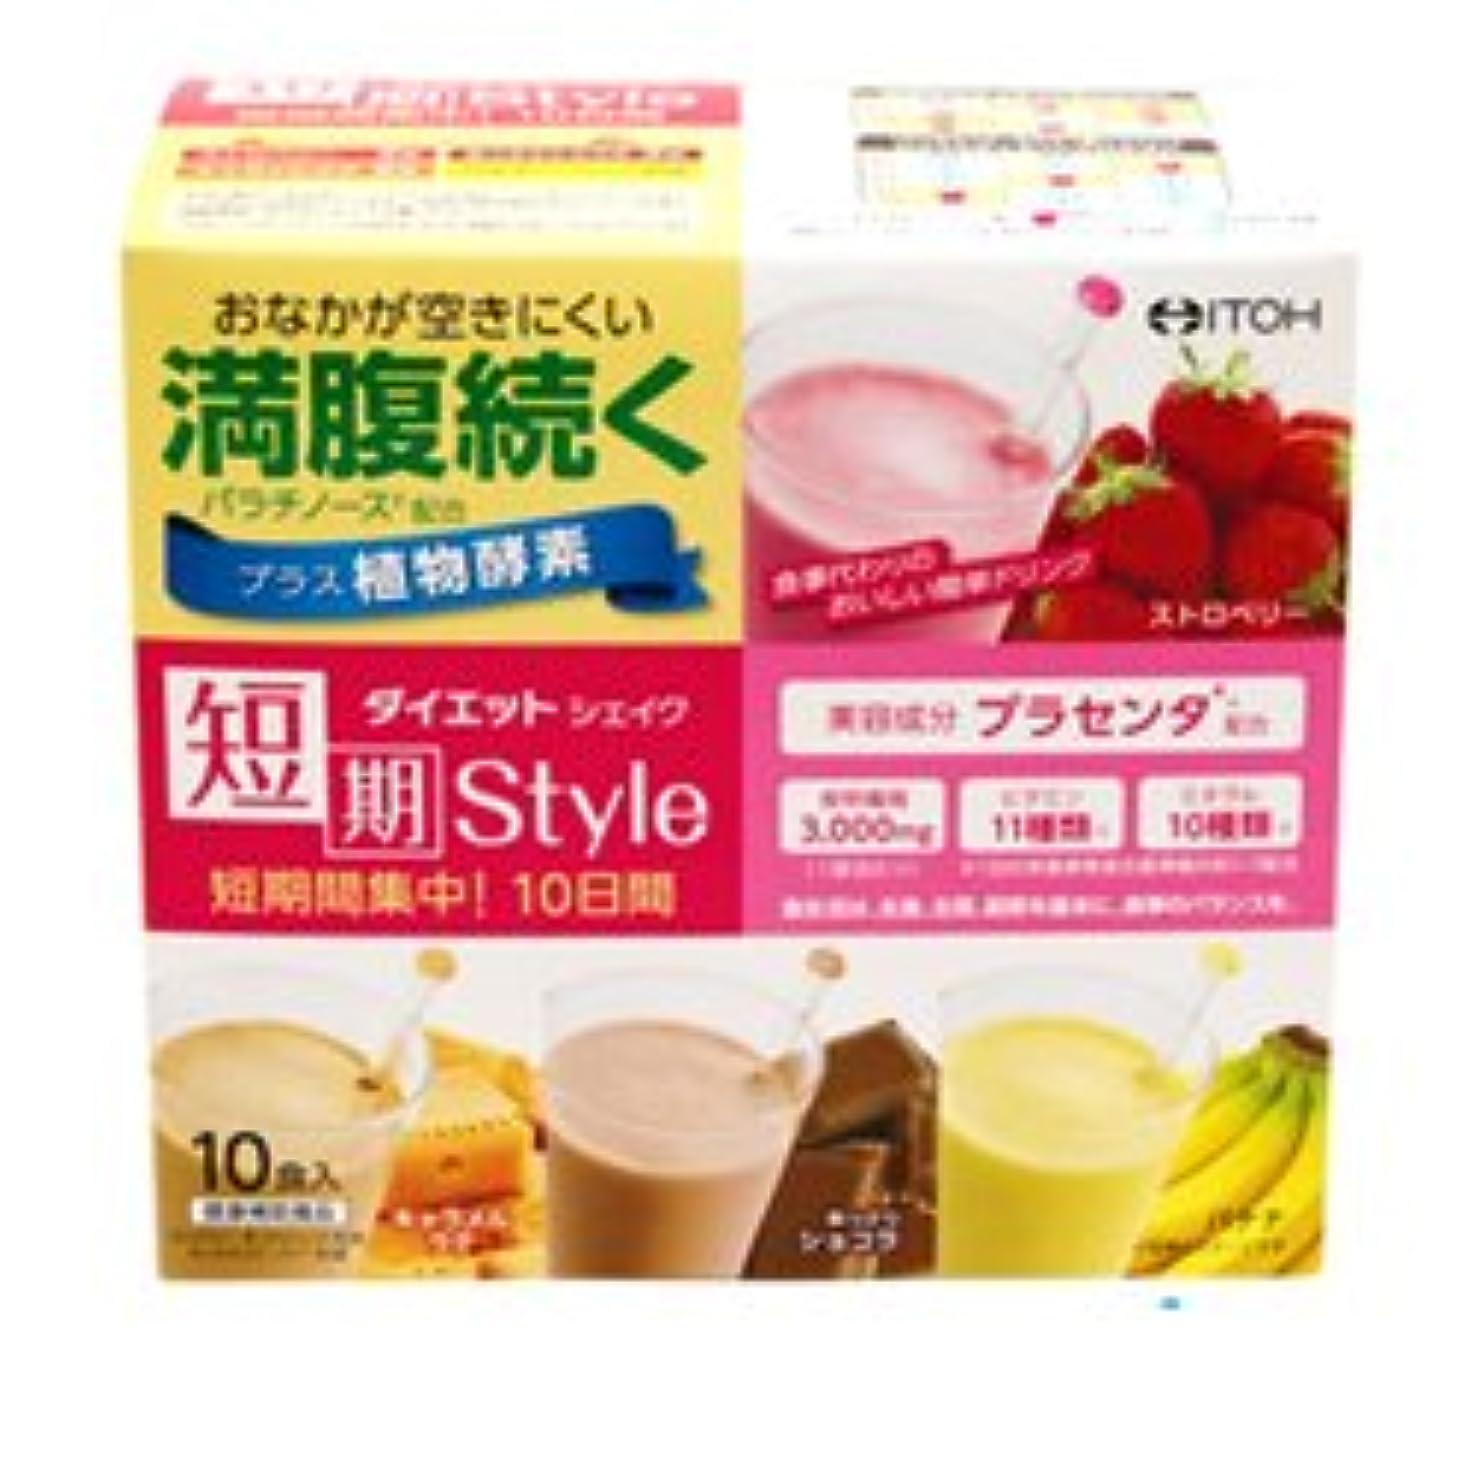 チャレンジ大破効能ある【井藤漢方製薬】短期スタイル ダイエットシェイク 10包 ×3個セット